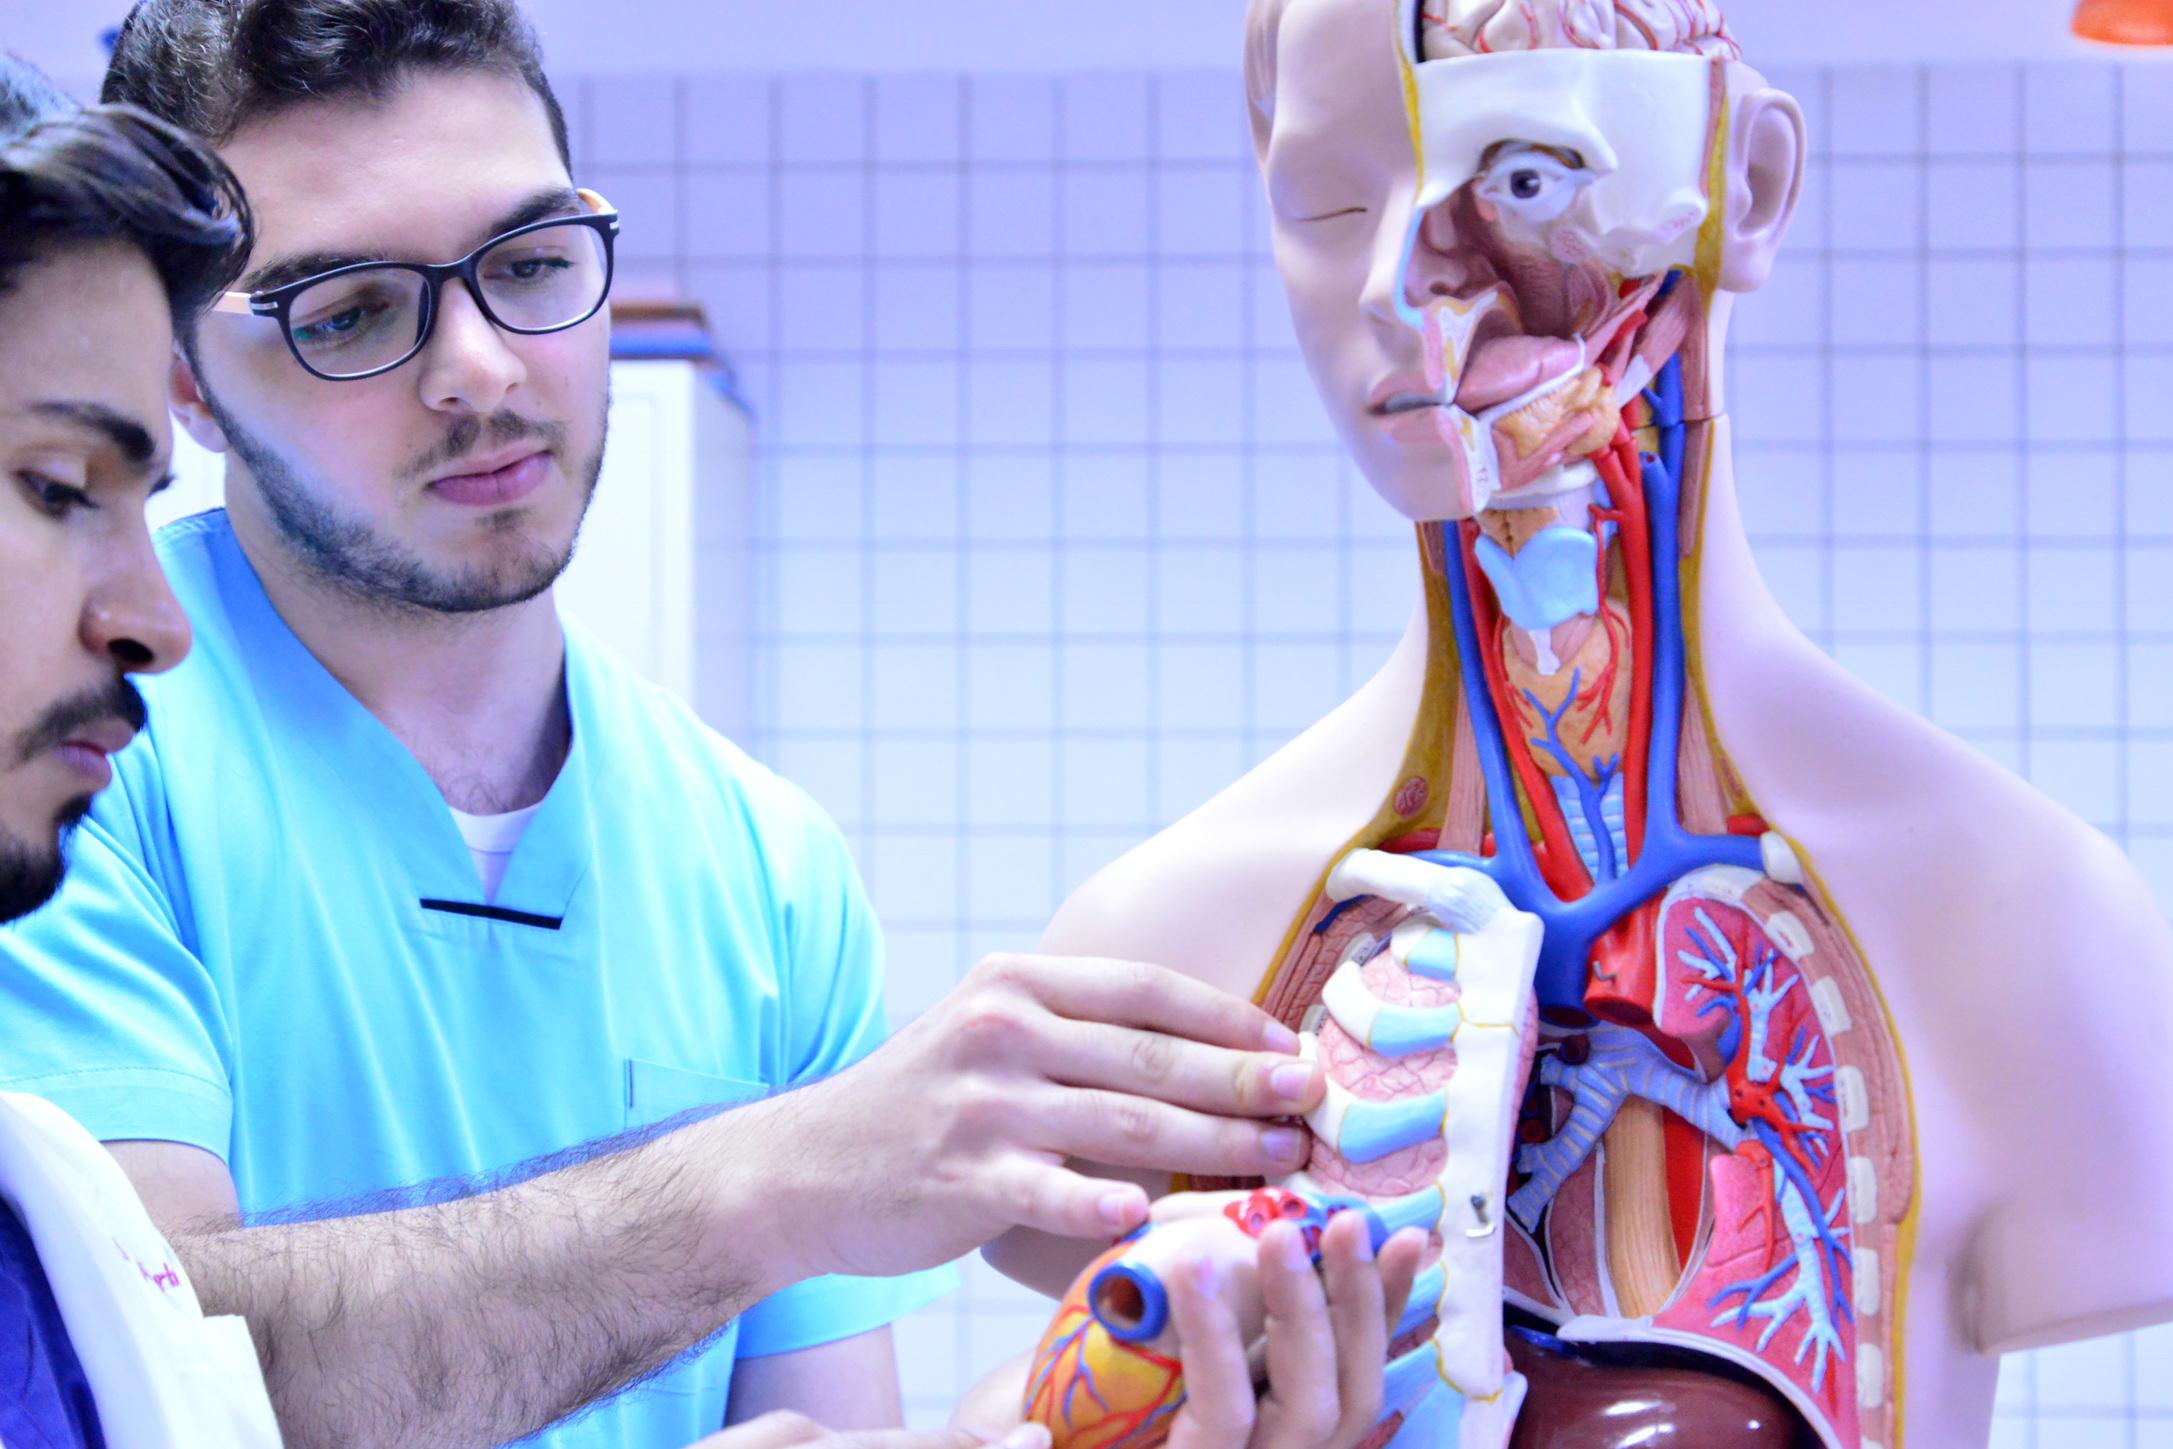 ما هي أفضل الجامعات في كندا لدراسة الطب البشري؟